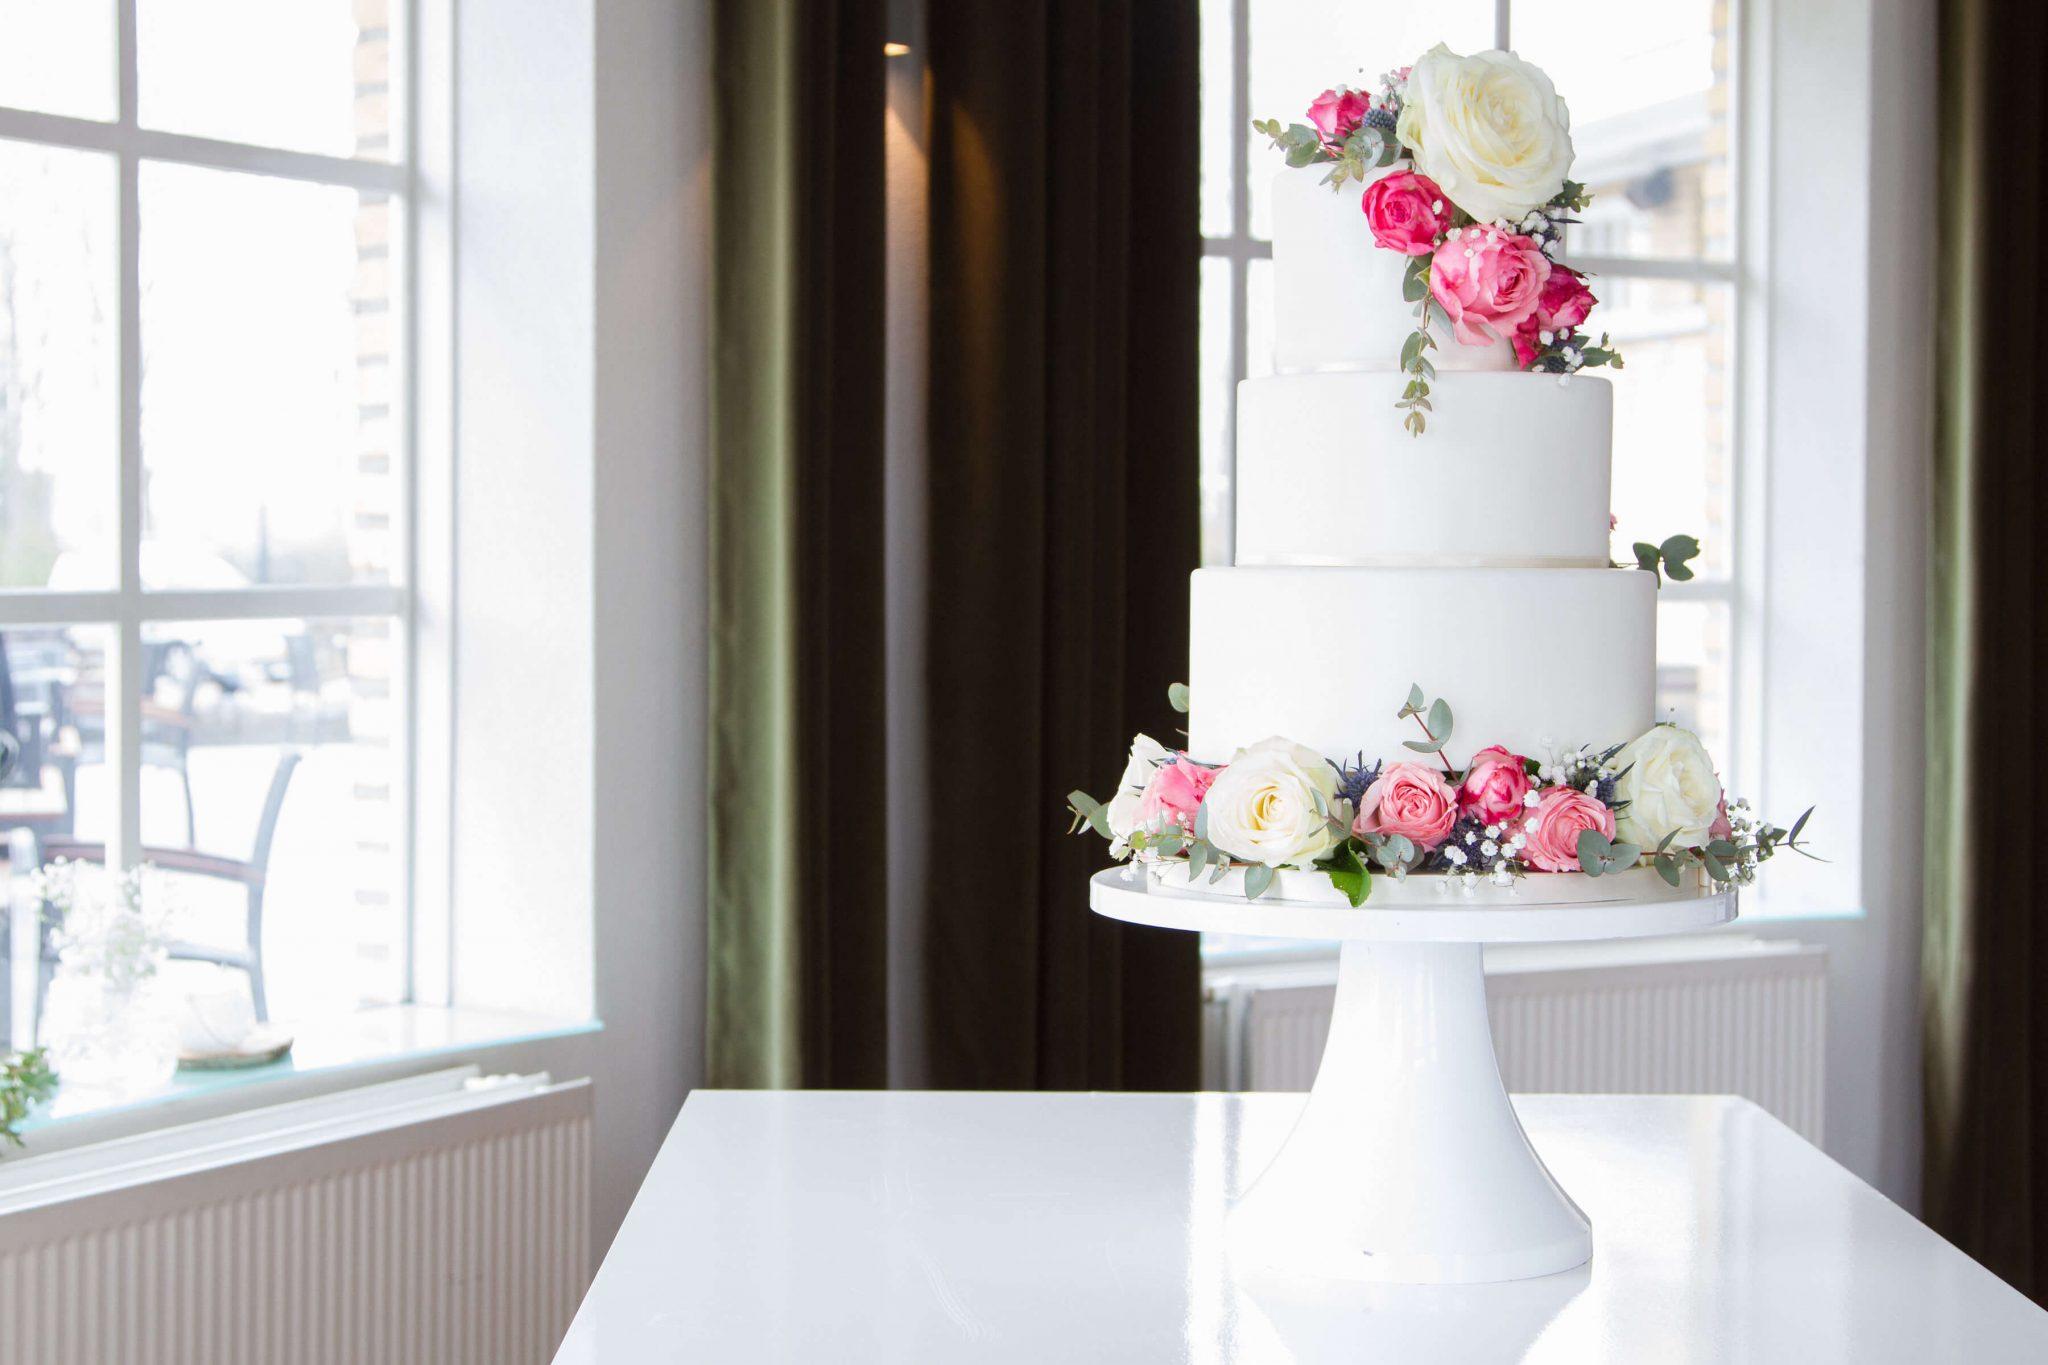 Romantisch Bruidstaart Bloemen Rozen Roze Wit chique